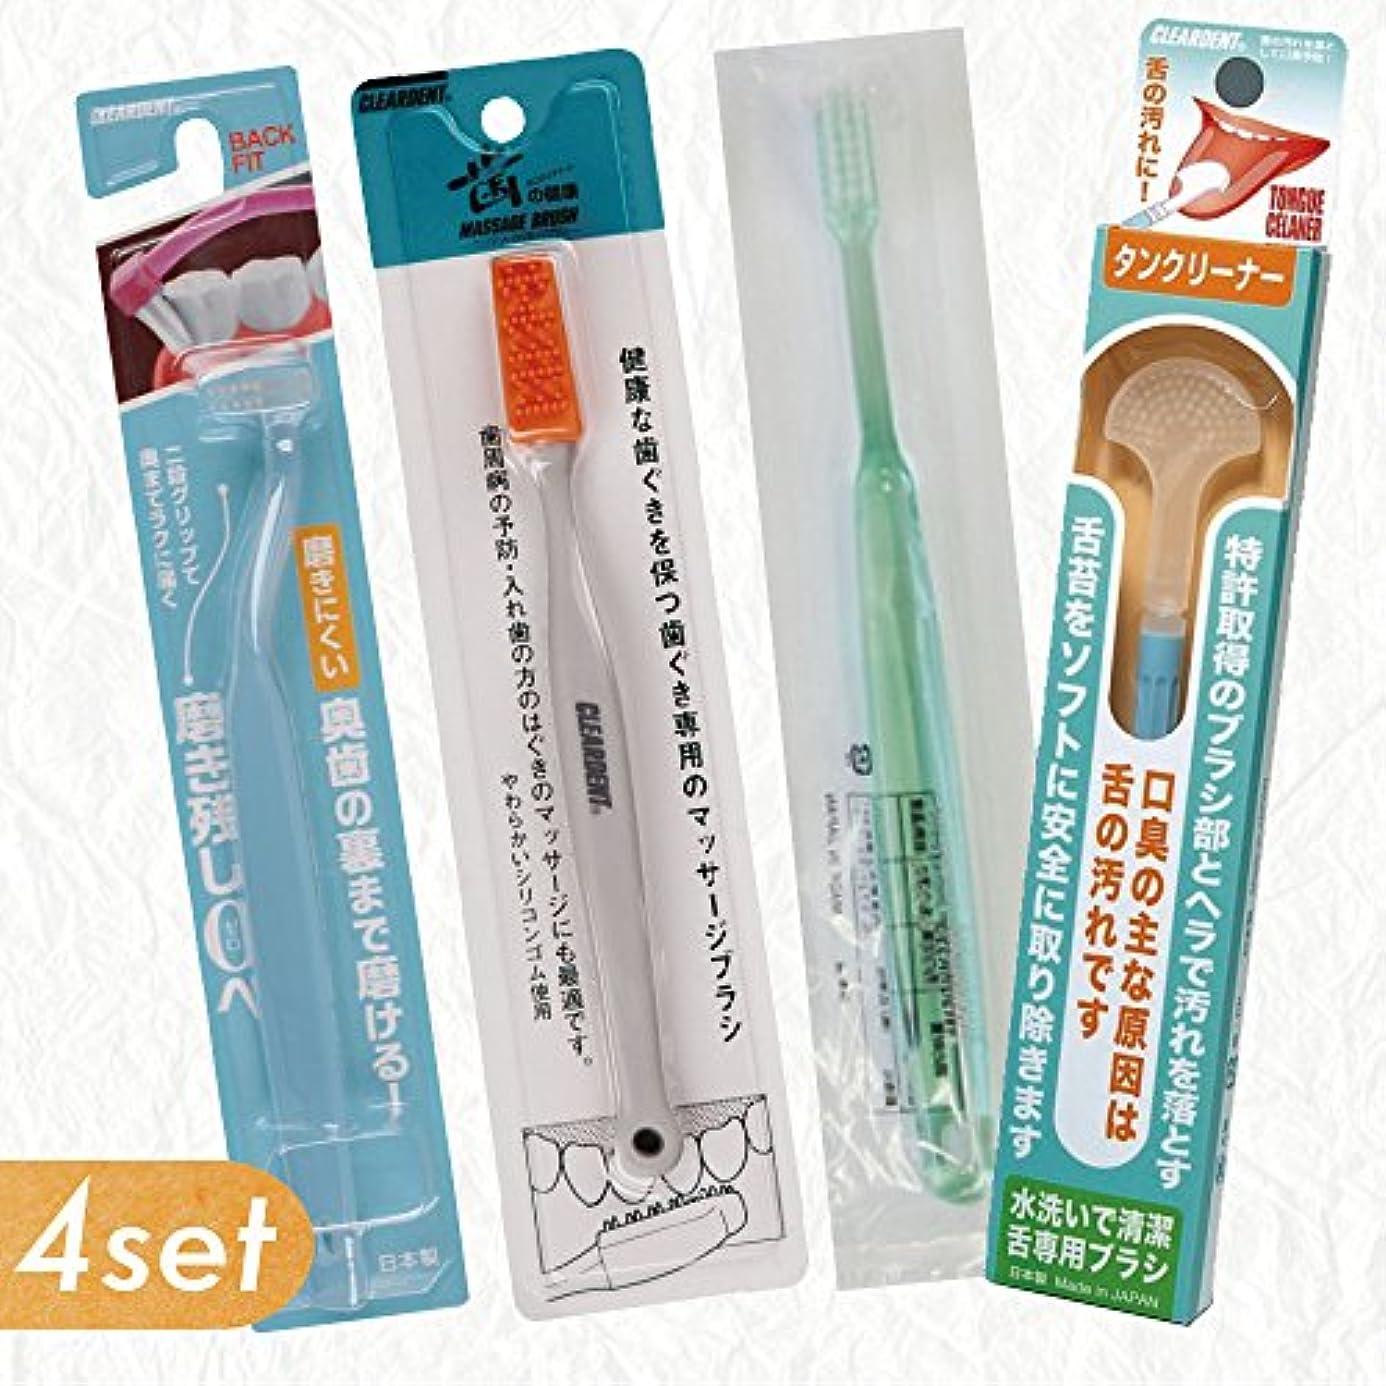 スリット磁石ビジョン【CLEARDENT】(4点セット)はぐきマッサージブラシ+タンクリーナー+バックフィット+歯ブラシ各1本(色は指定できません。)